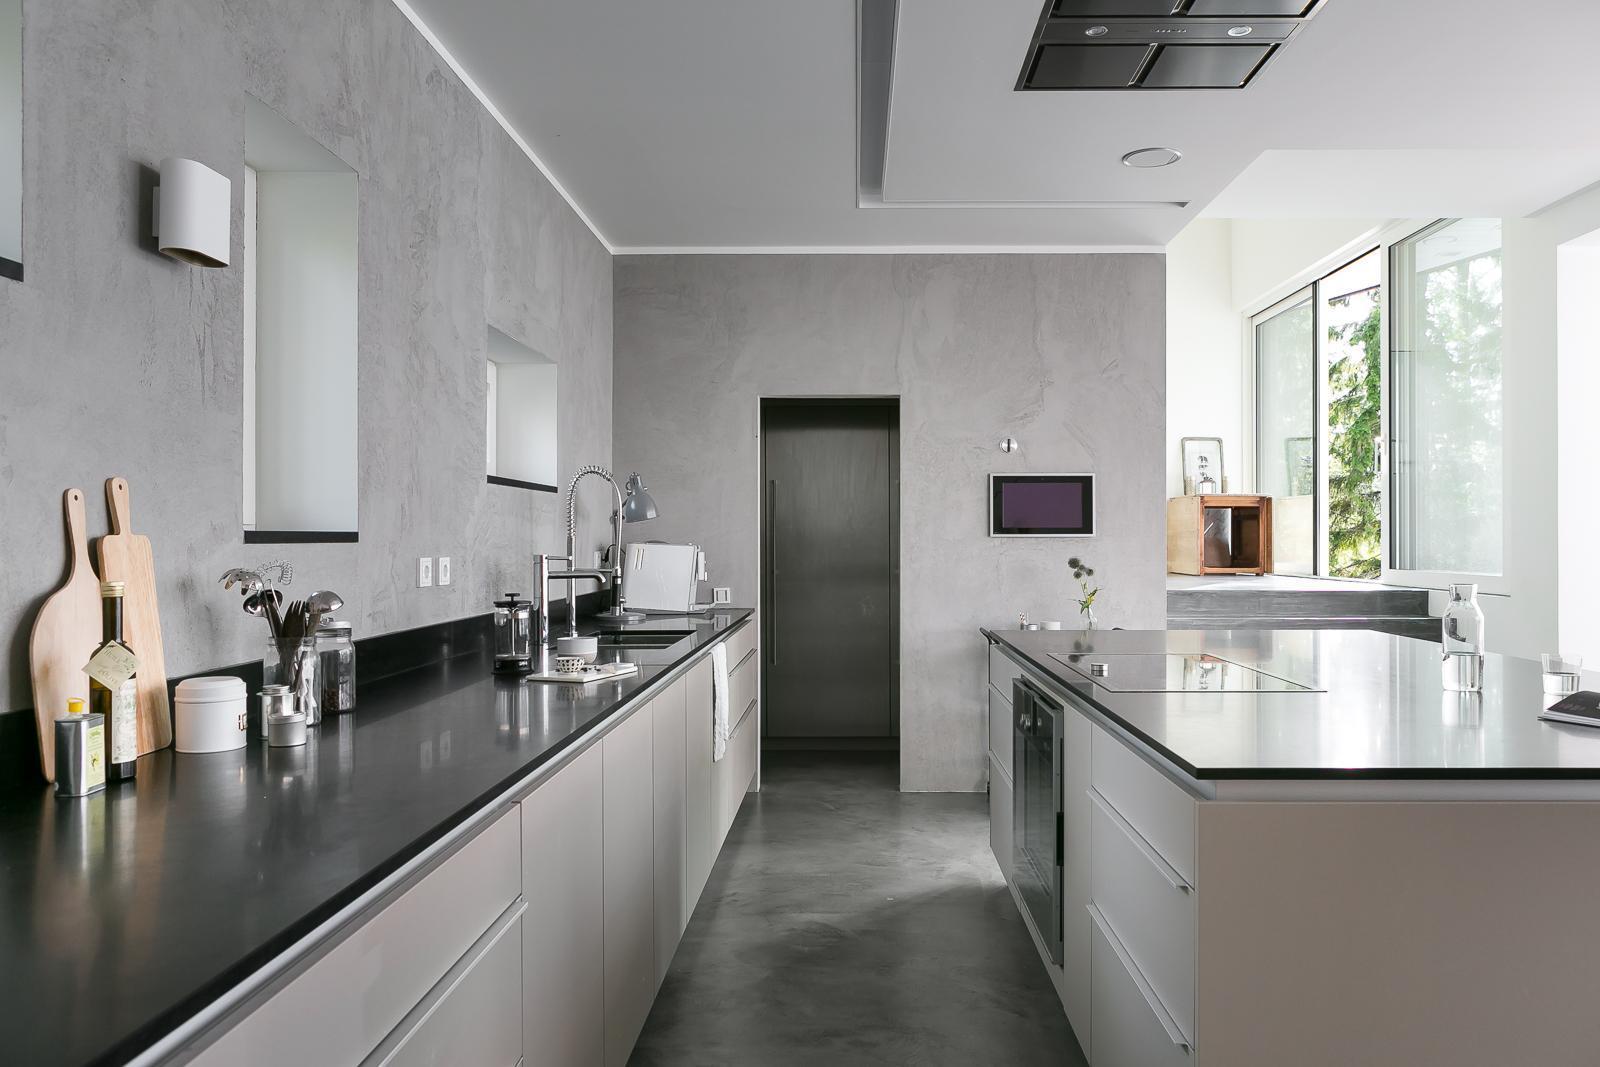 Tyylikäs harmaa keittiö  Etuovi com Ideat & vinkit